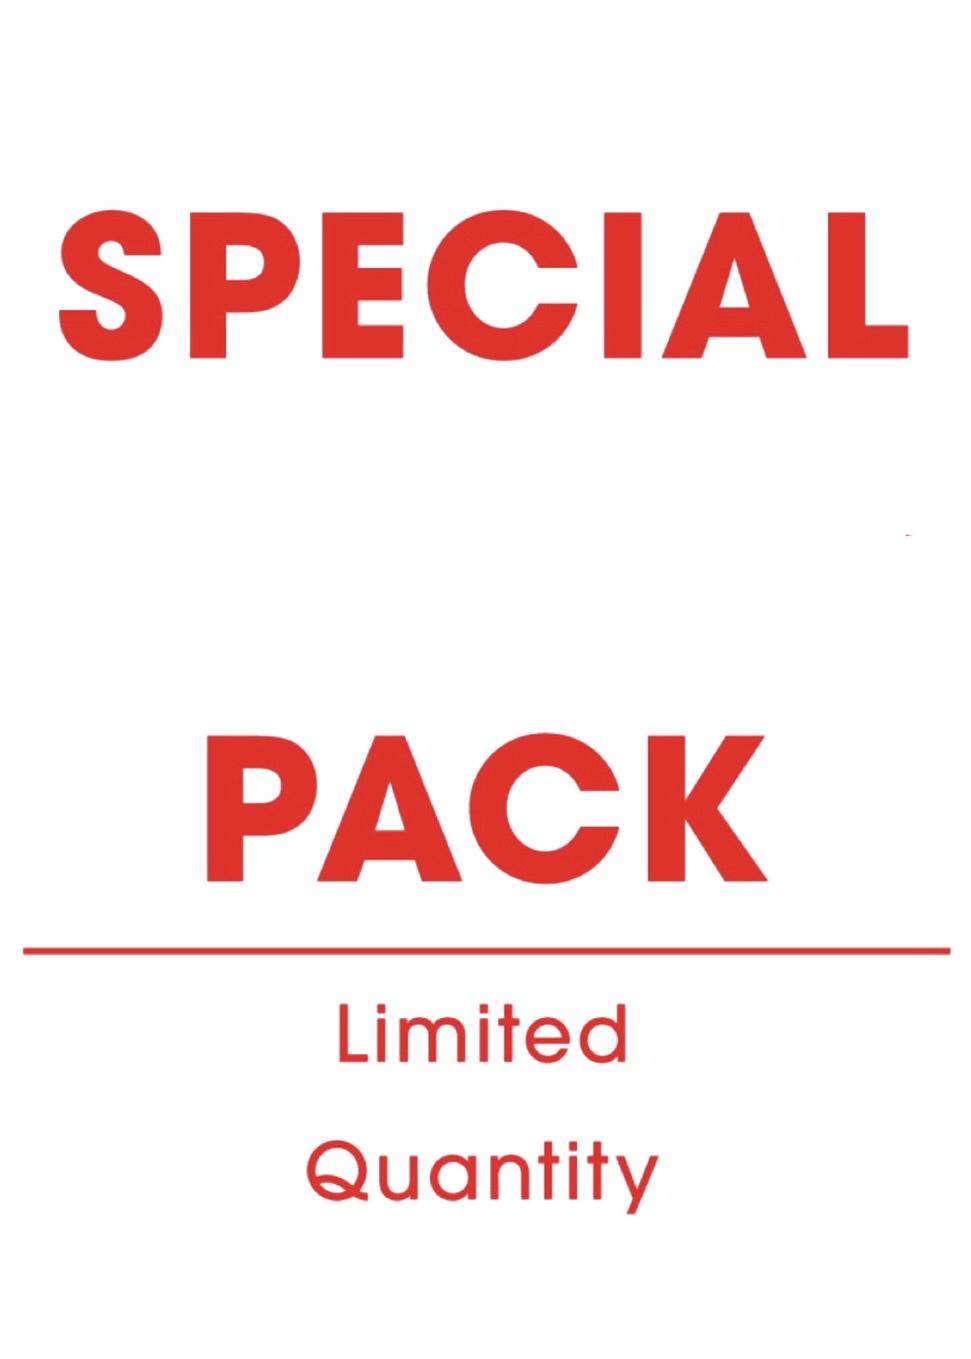 画像1: SPECIAL PACK 【期間・数量限定】 (〜9/30(木)まで) [10,000 + TAX)]